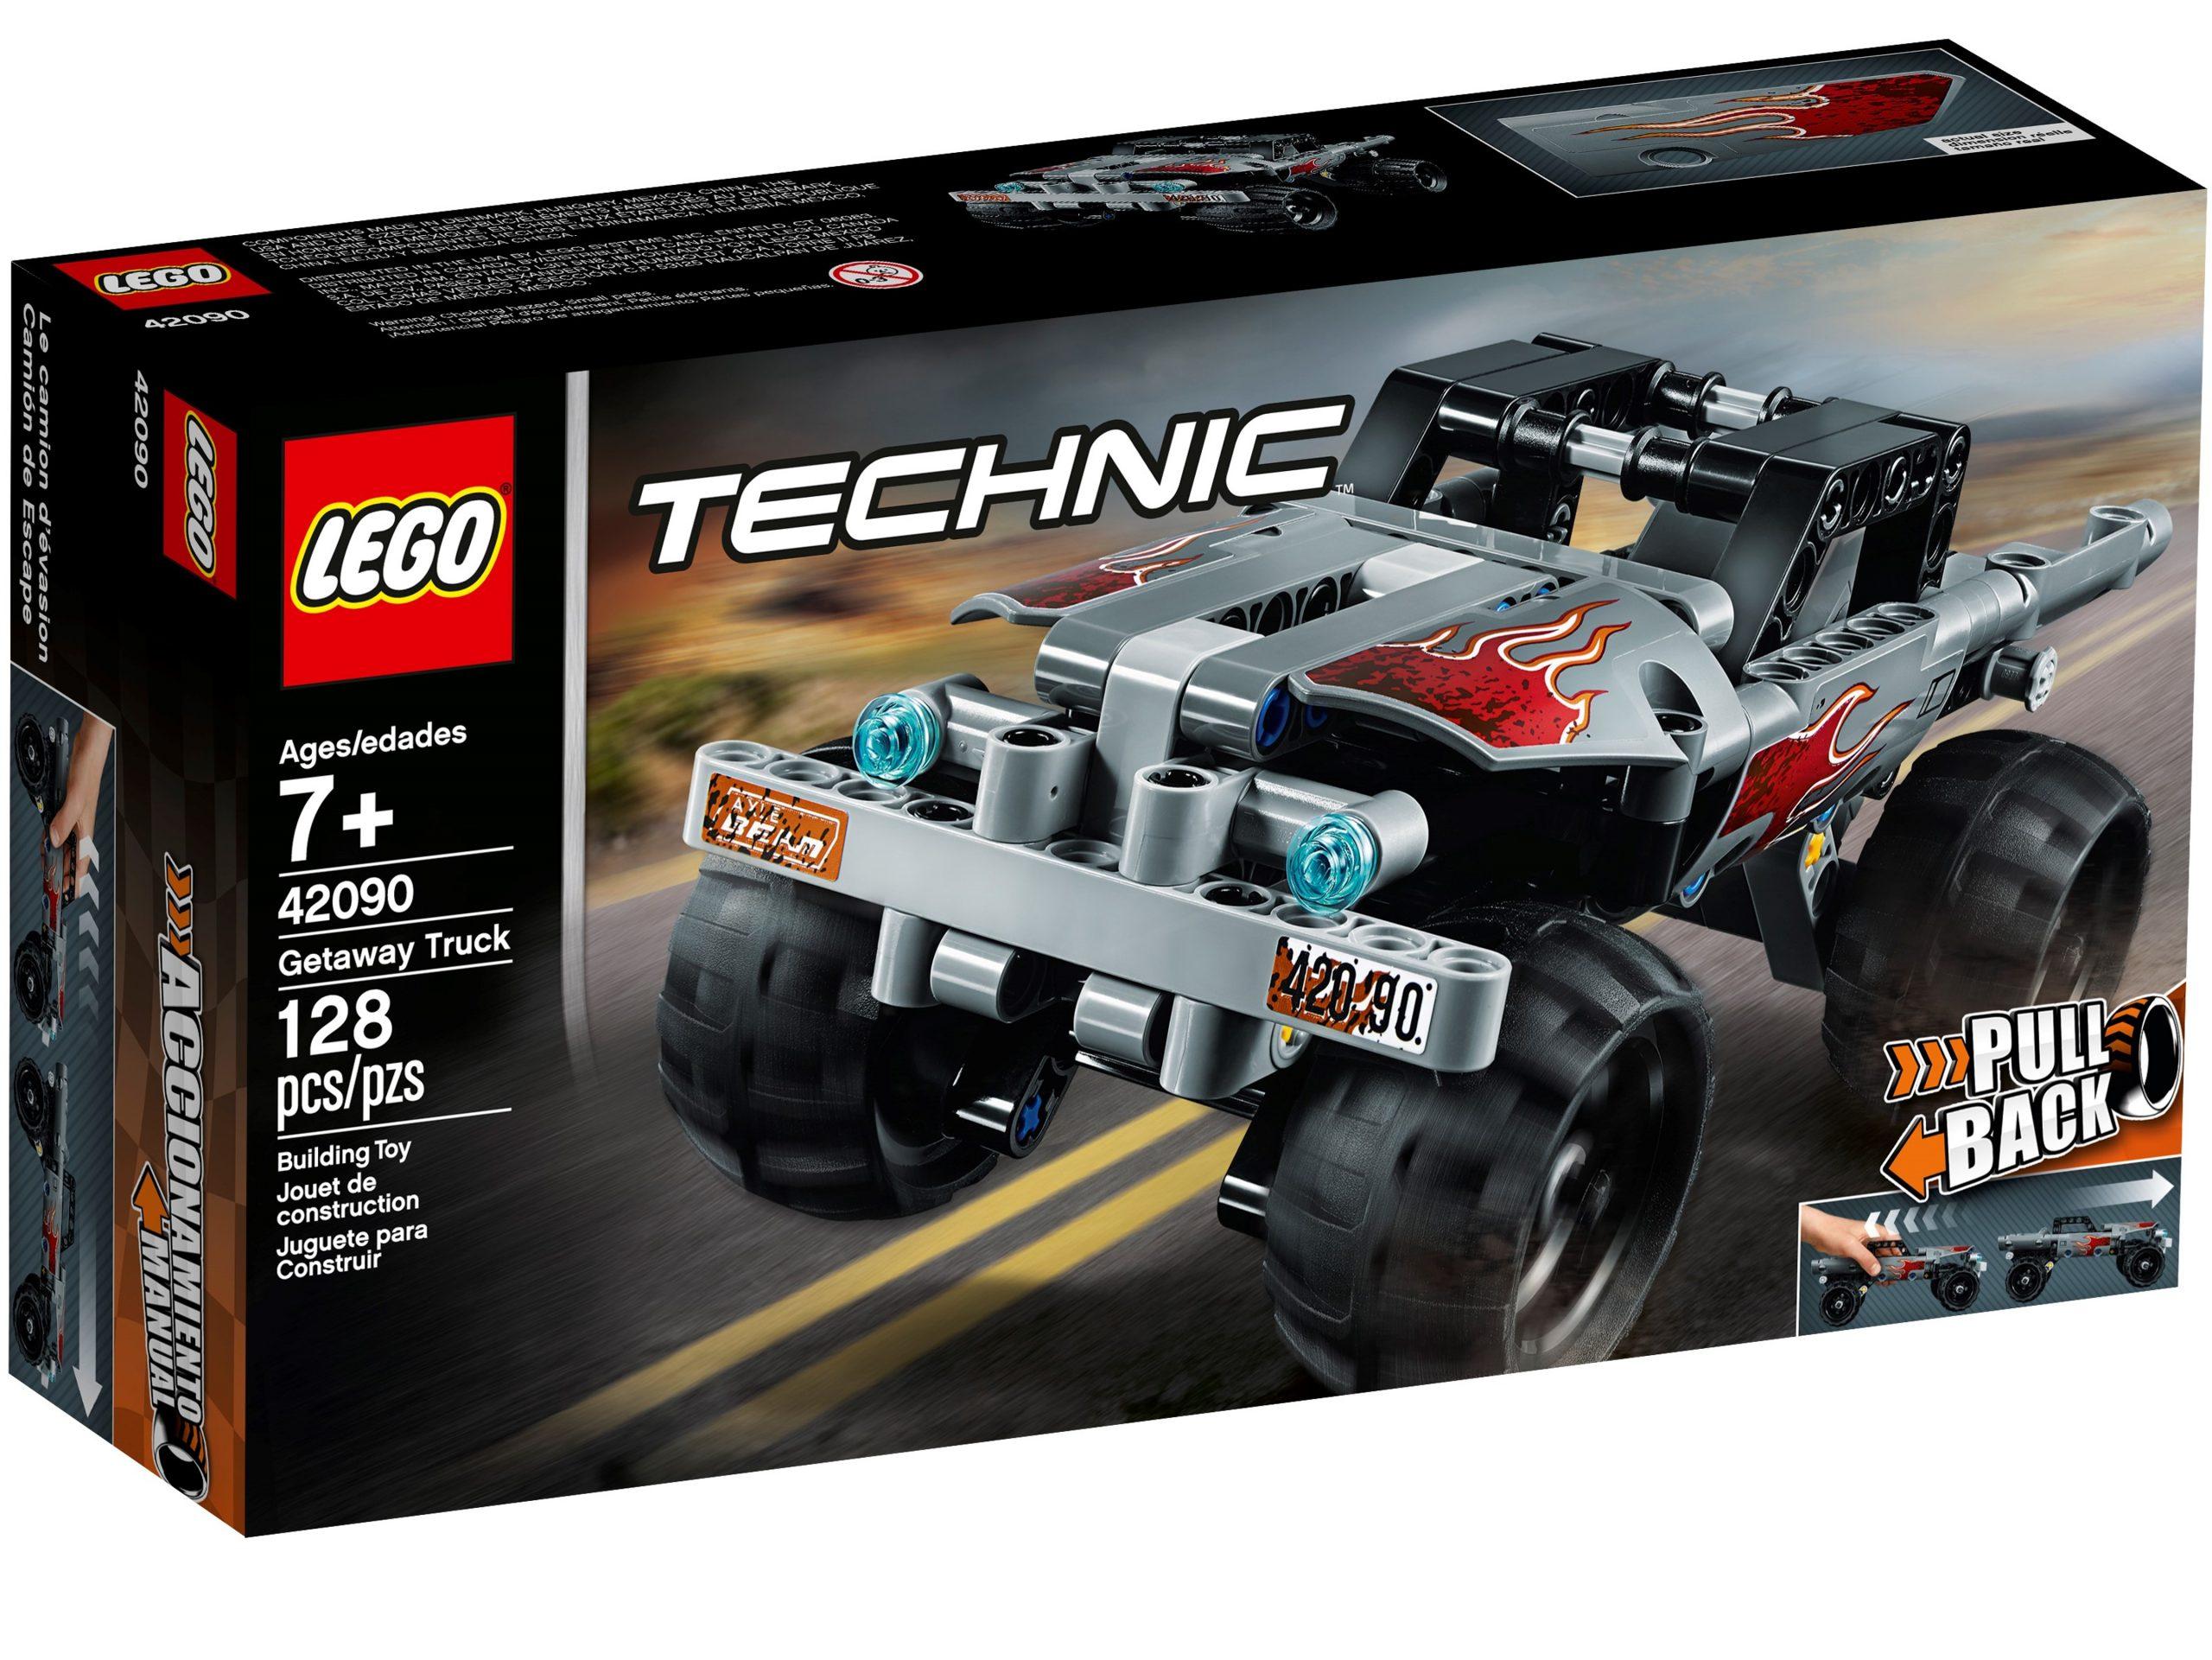 lego 42090 getaway truck scaled